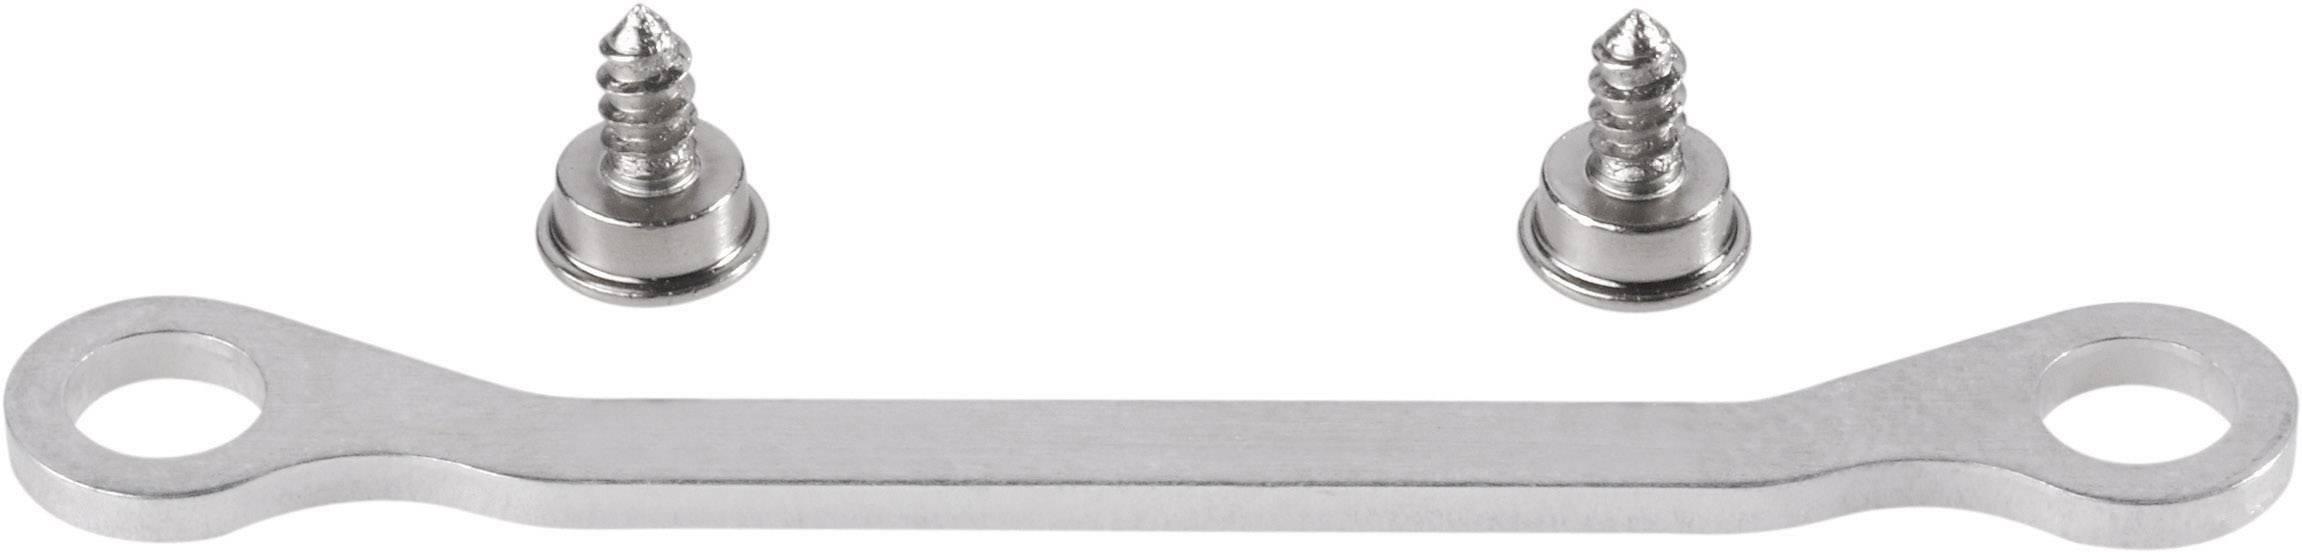 Spojovací táhlo pro servo saver EL30751